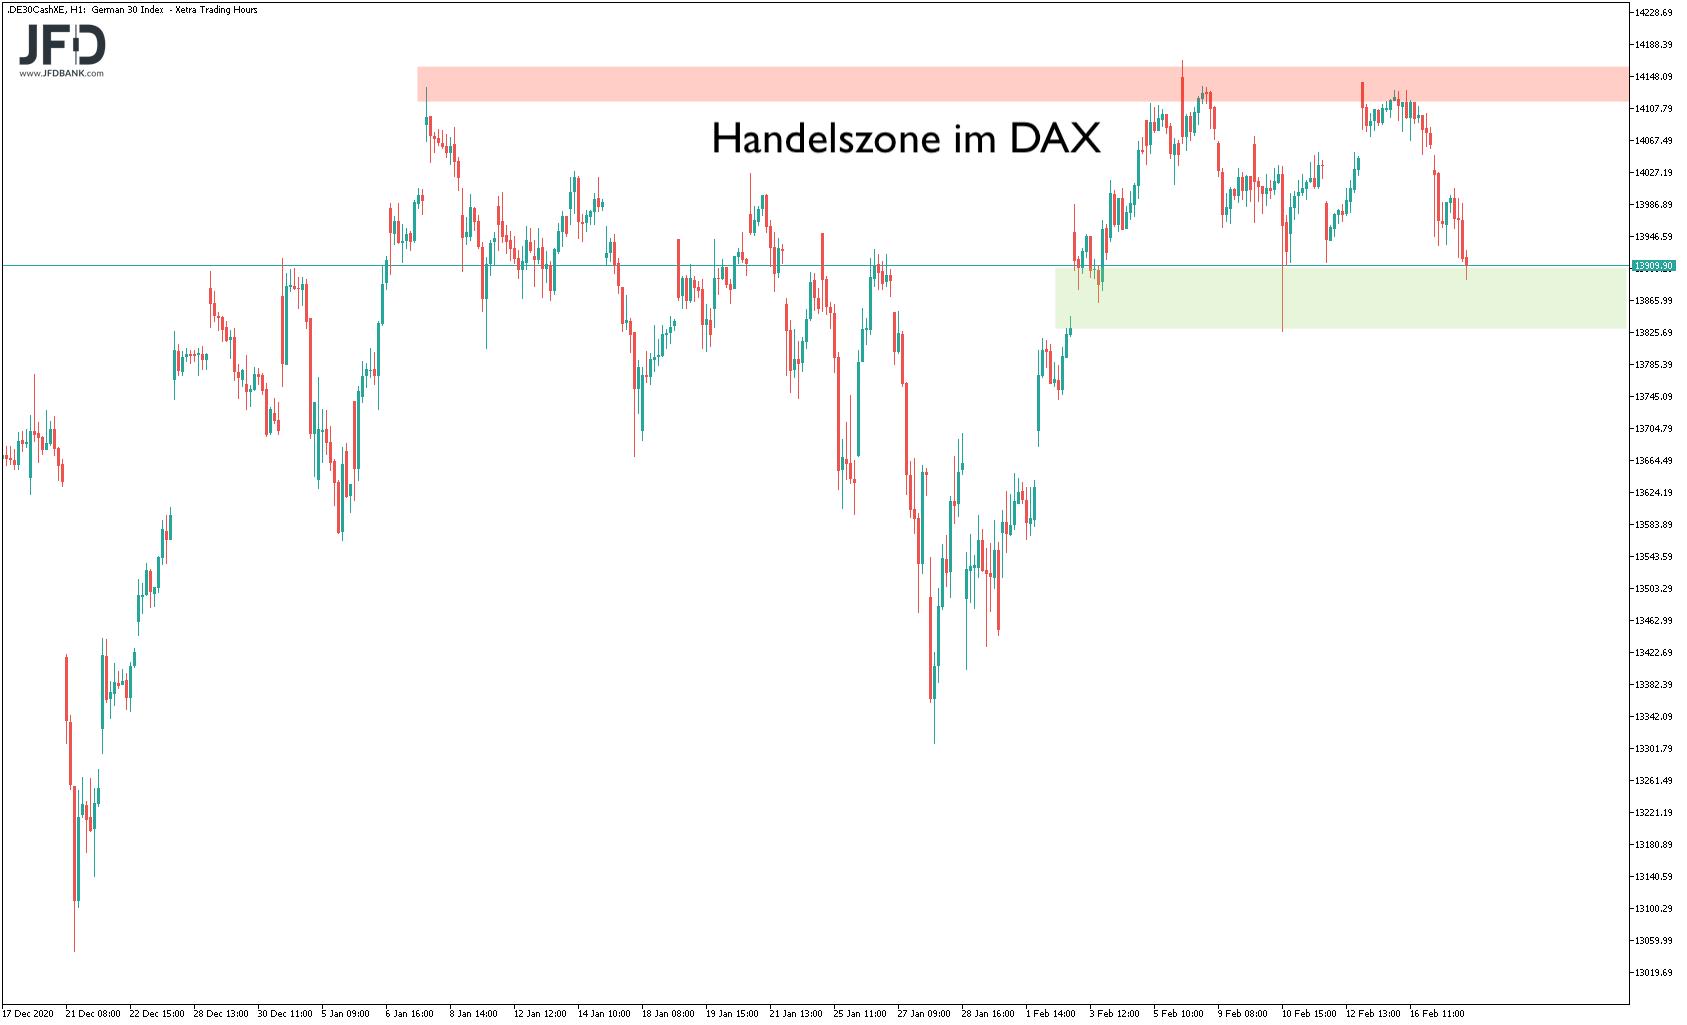 Aktuelle DAX-Handelszone